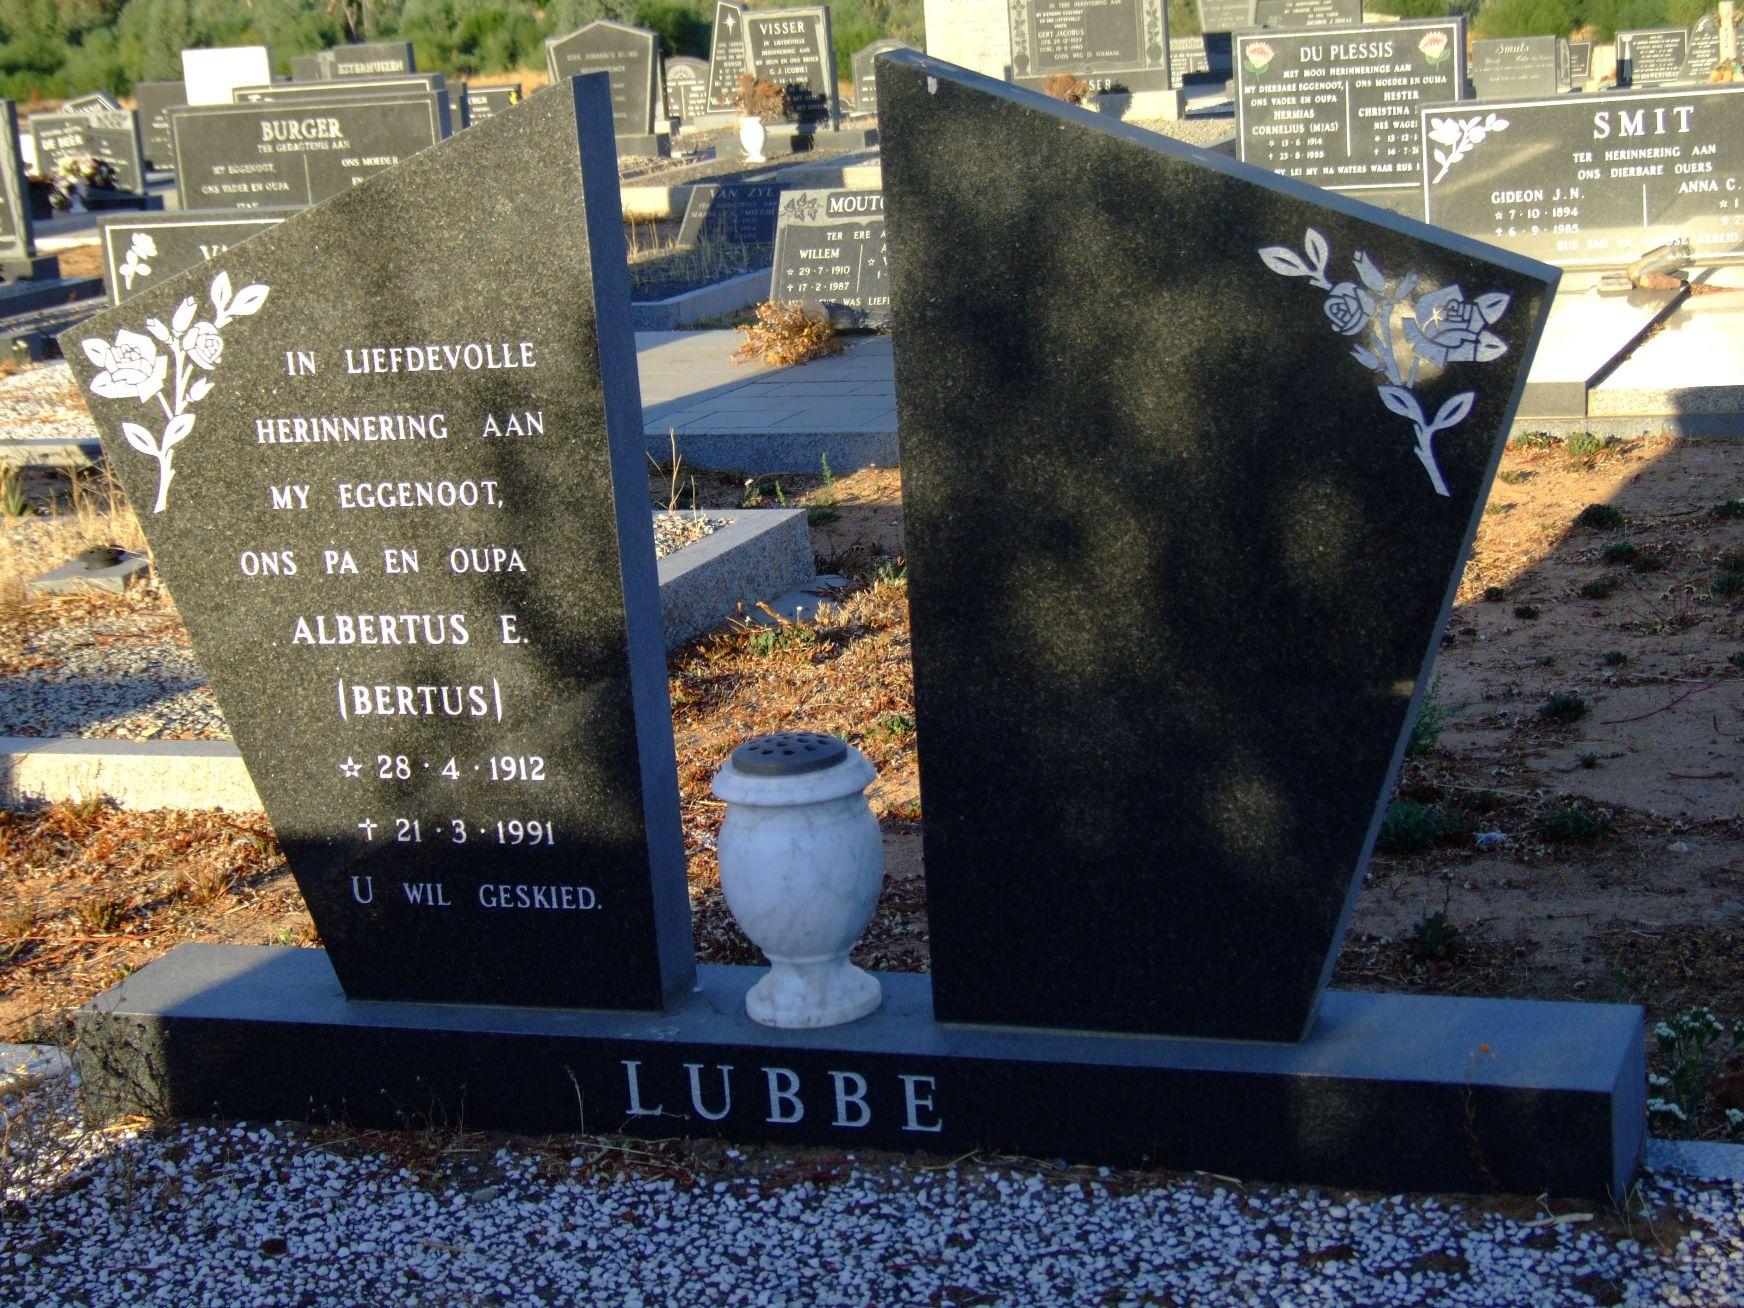 Lubbe, Albertus E